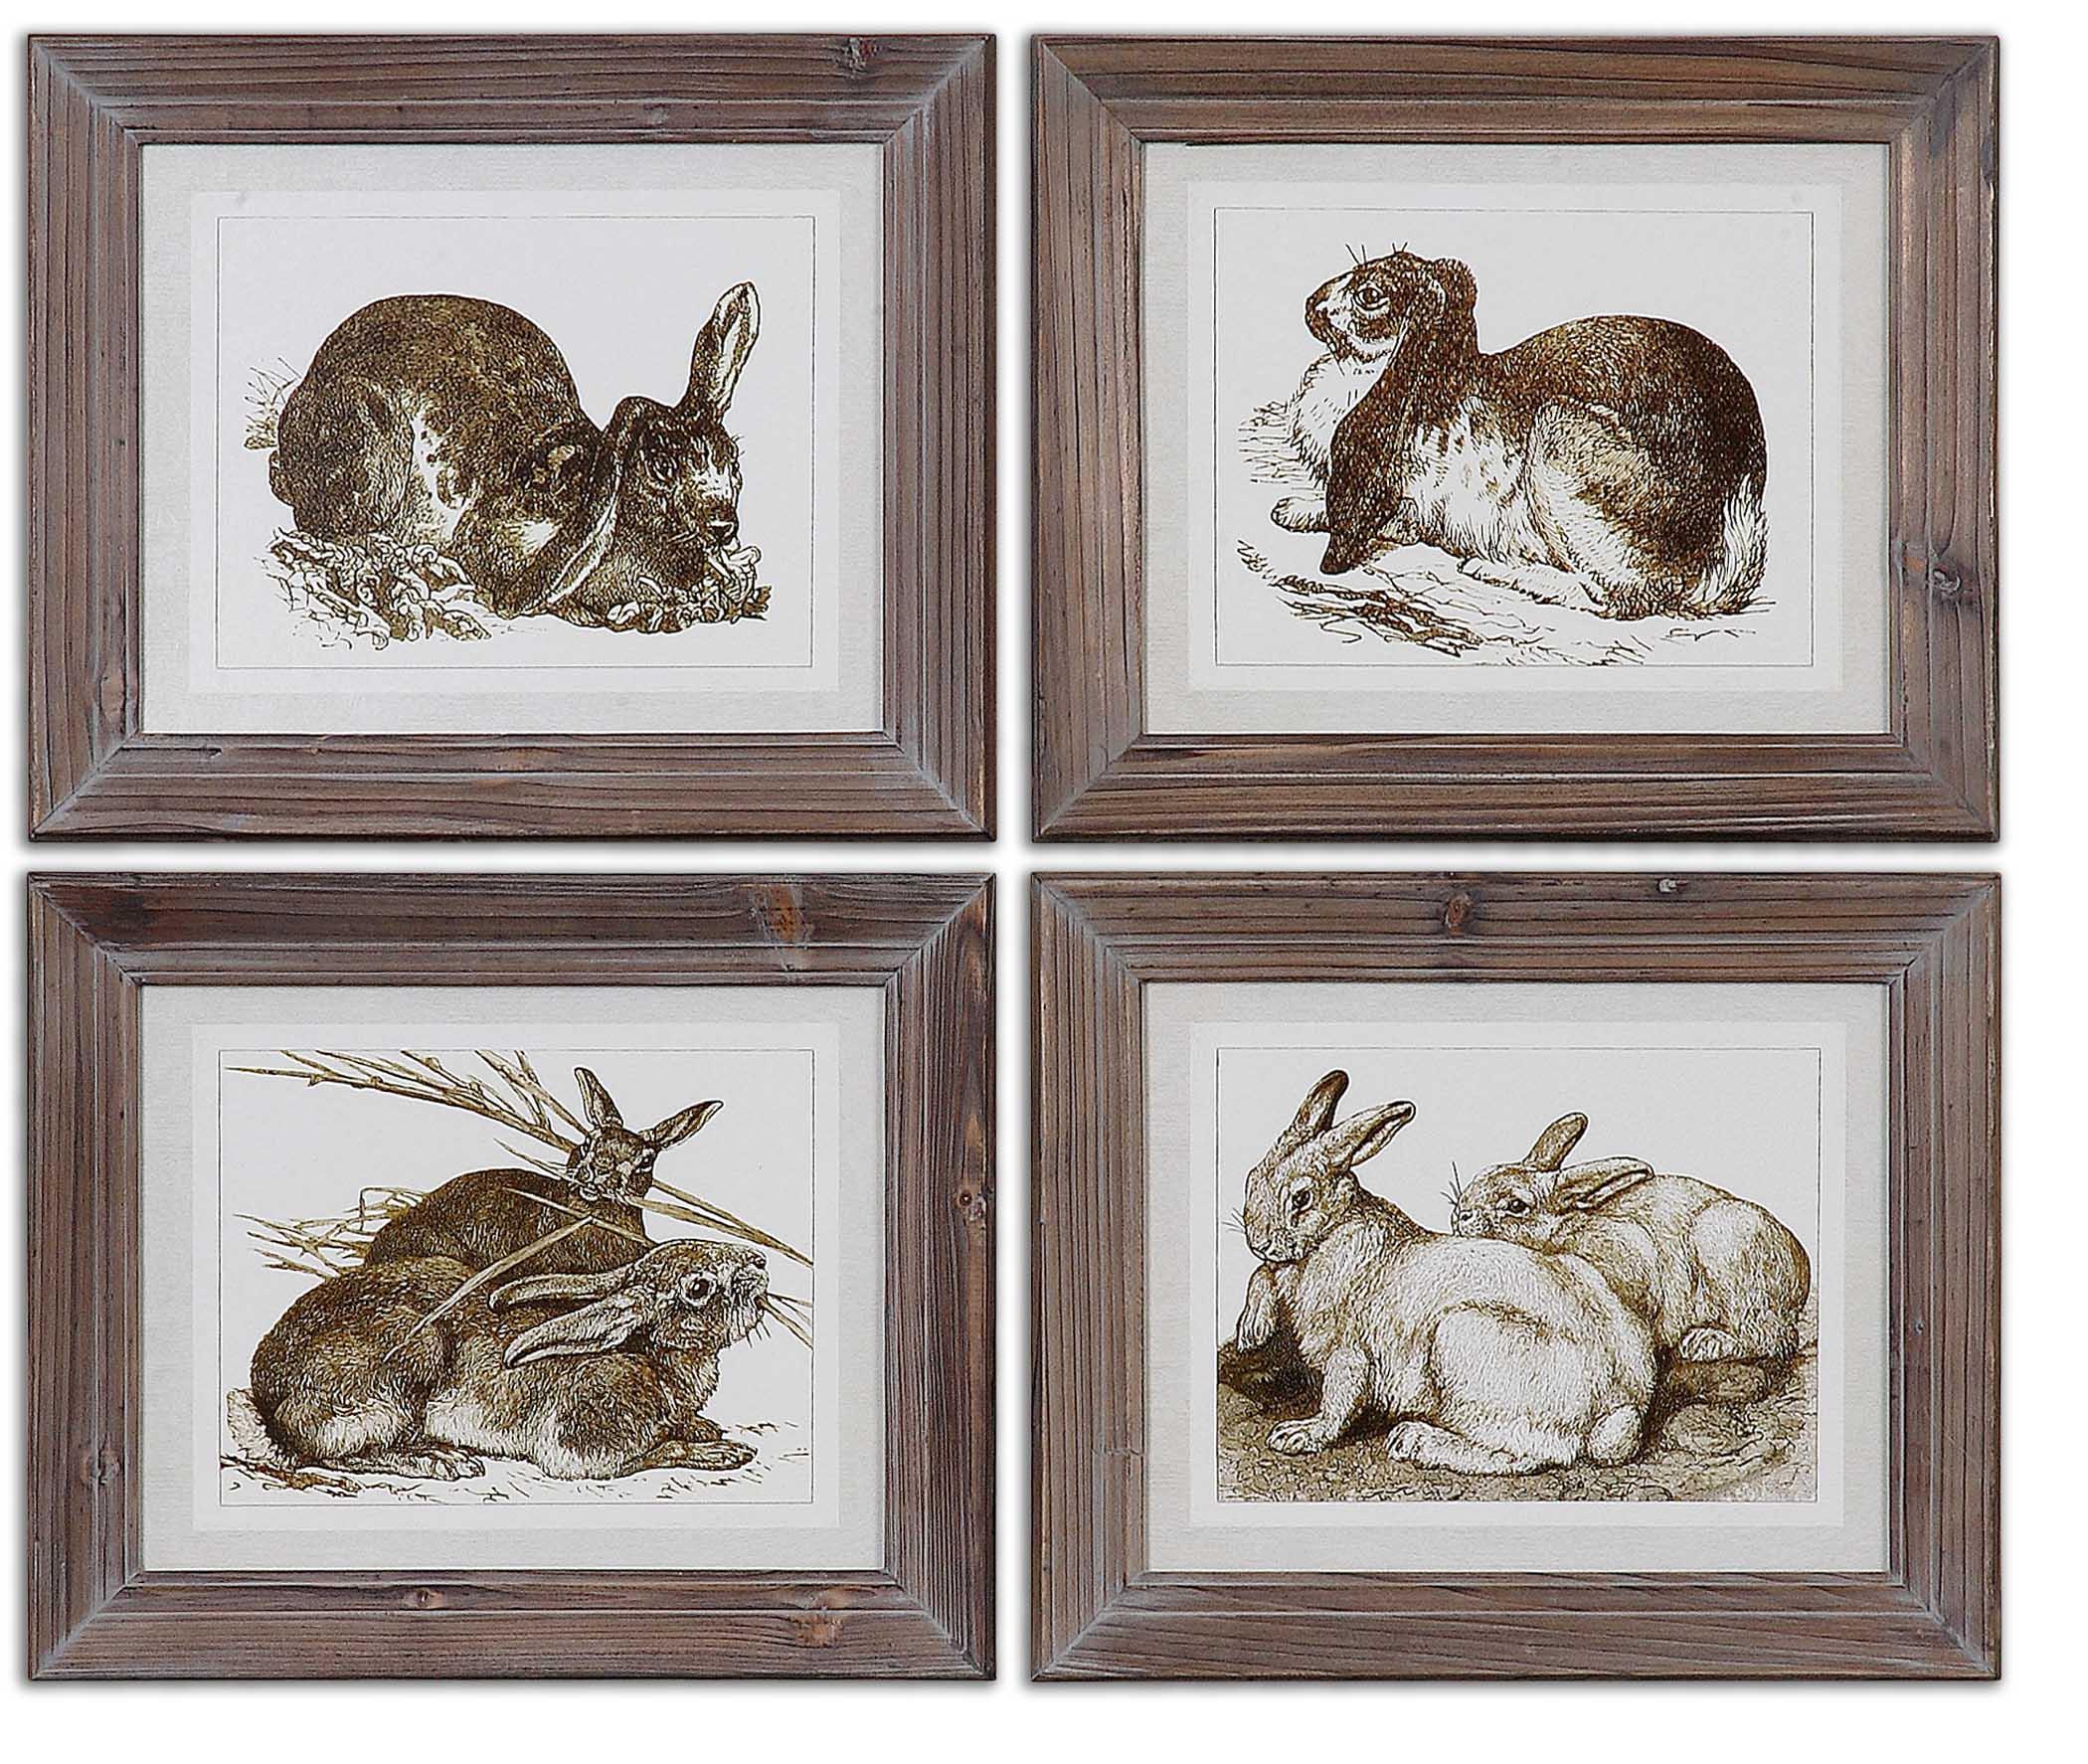 Uttermost Art Regal Rabbits Framed Art - Item Number: 41392